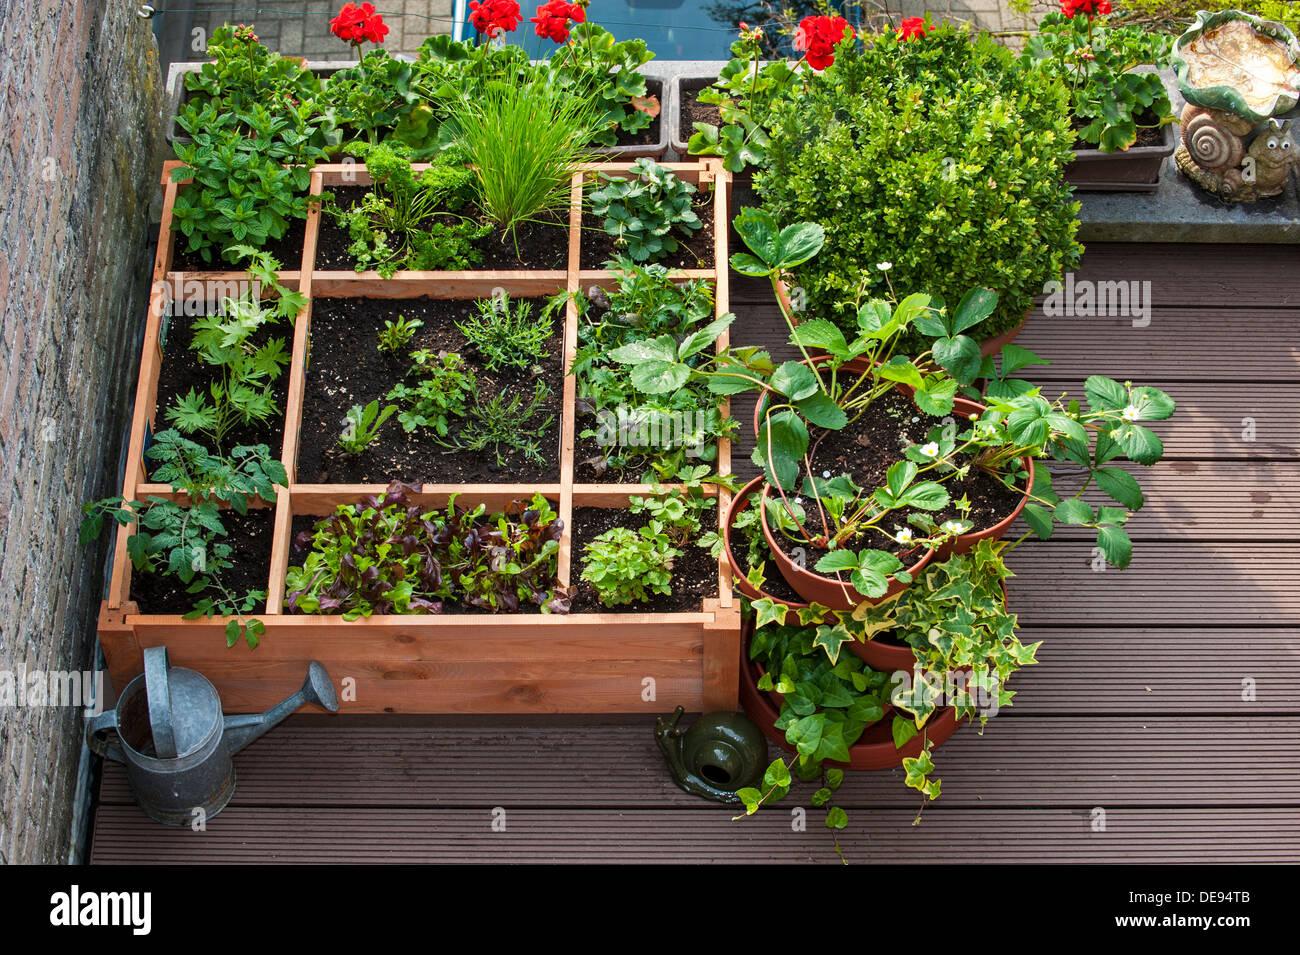 Jardinería por pie cuadrado plantar flores, hierbas y vegetales en caja de madera en balcón Imagen De Stock